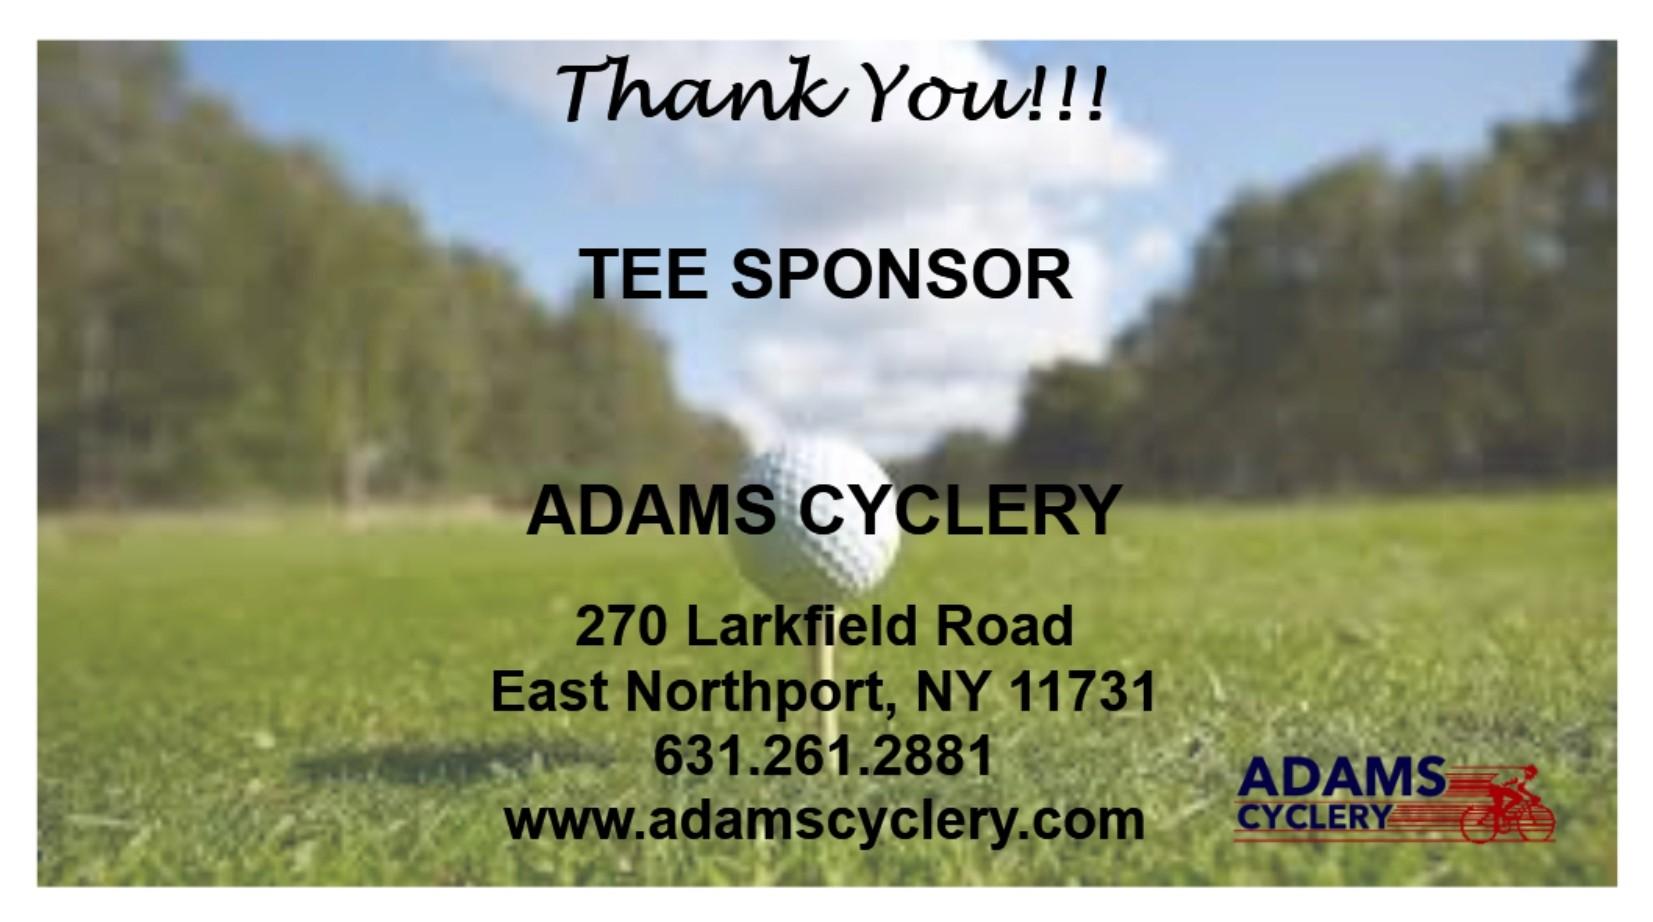 Adams Cyclery